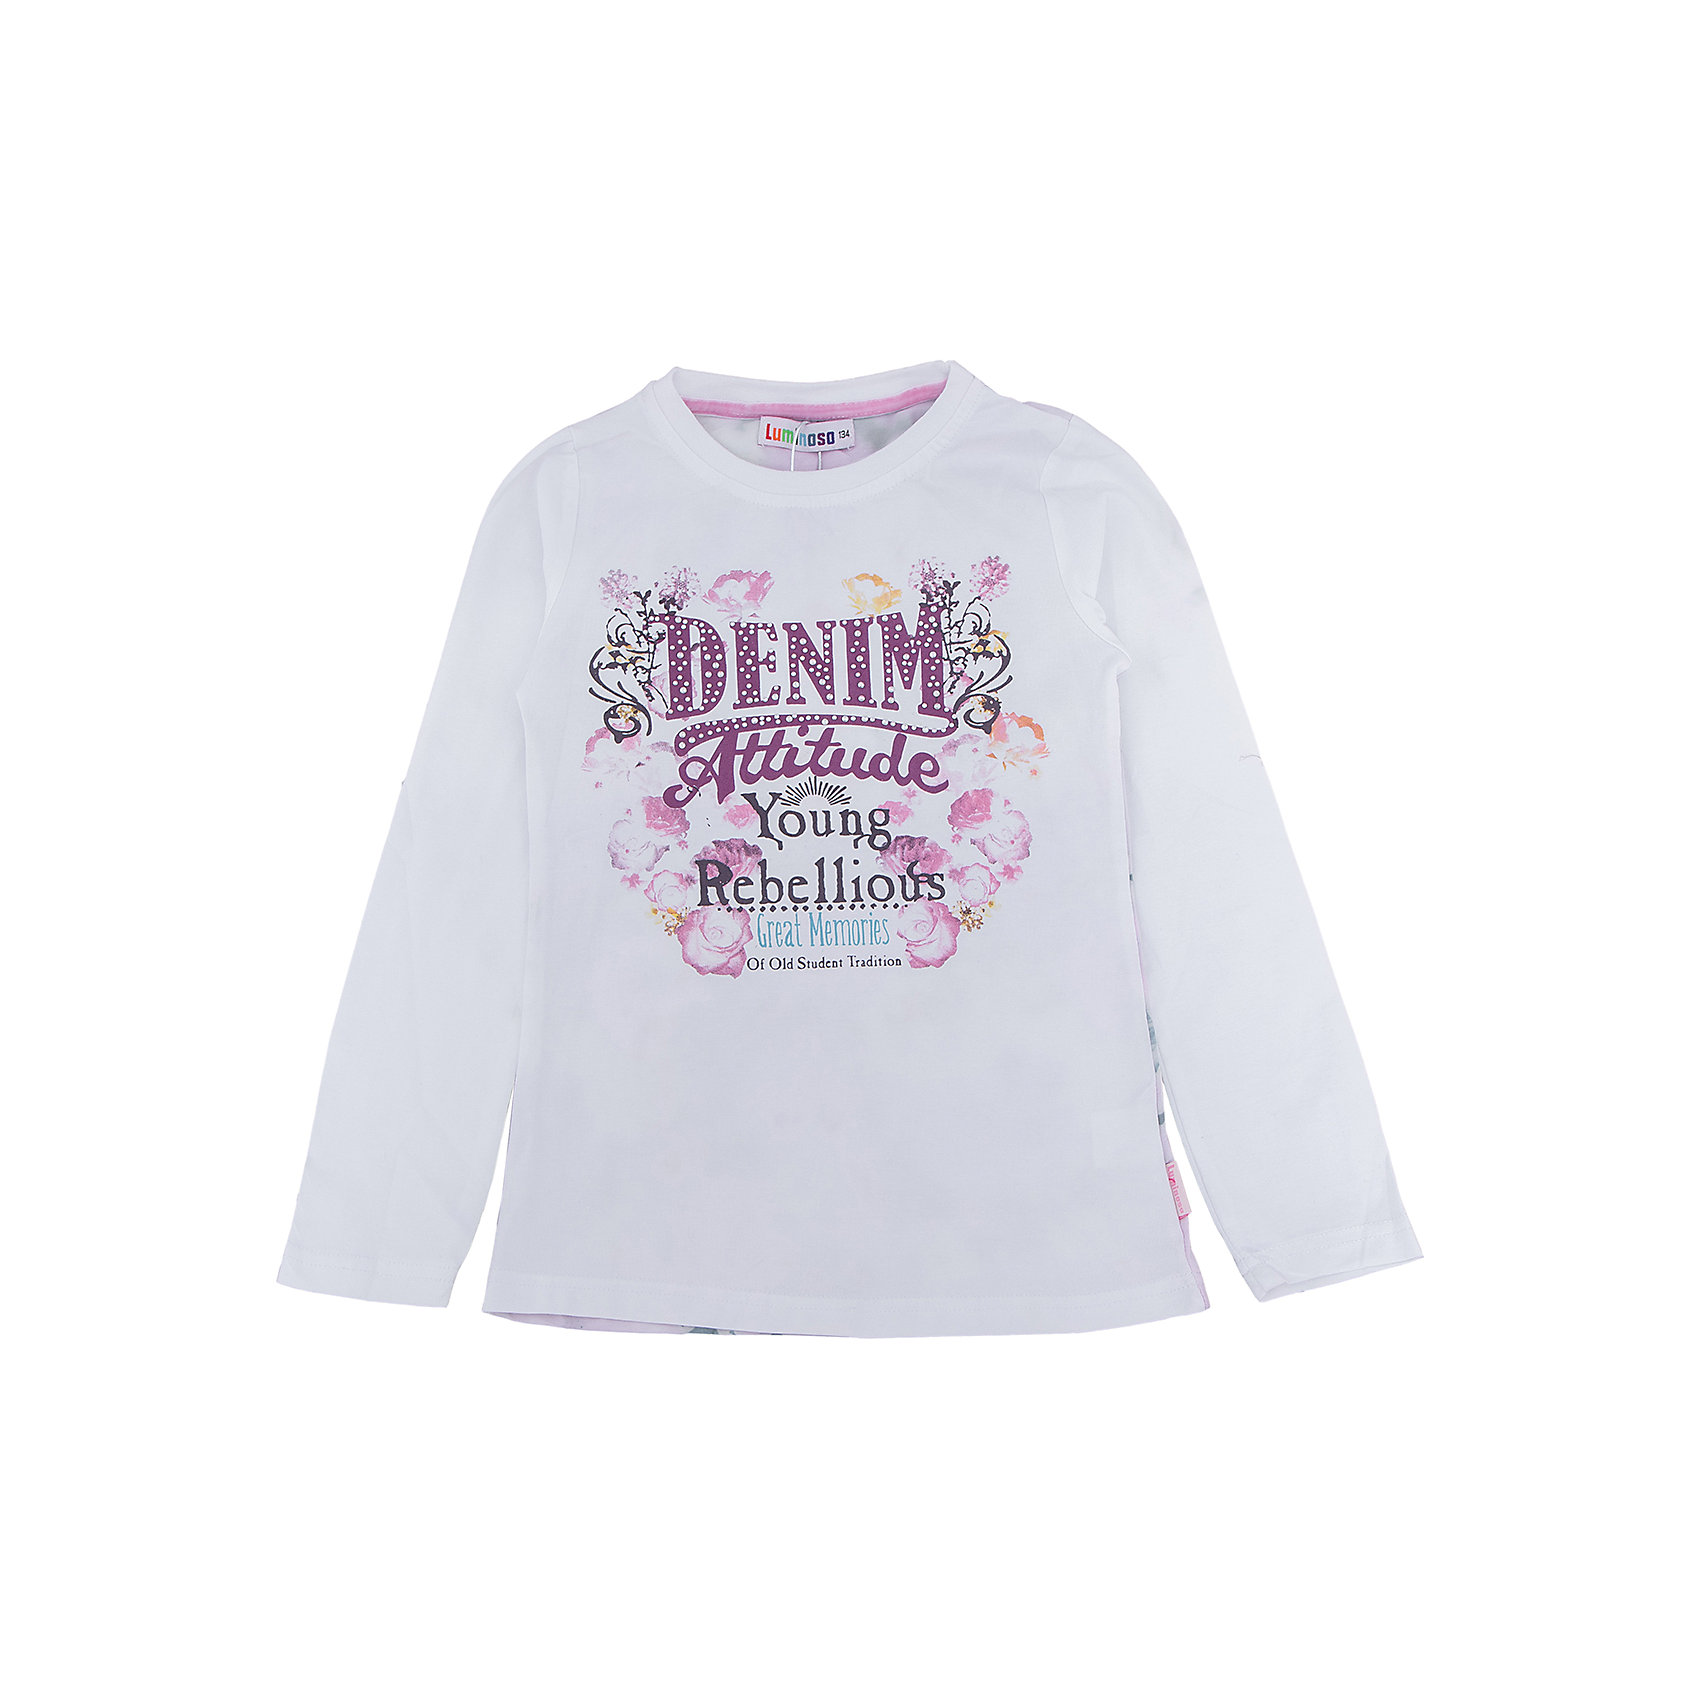 Футболка с длинным рукавом для девочки LuminosoФутболки с длинным рукавом<br>Характеристики товара:<br><br>- цвет: белый;<br>- материал: 95% хлопок, 5% эластан;<br>- декорирована принтом;<br>- длинный рукав;<br>- округлый горловой вырез.<br><br>Стильная одежда от бренда Luminoso (Люминосо), созданная при участии итальянских дизайнеров, учитывает потребности подростков и последние веяния моды. Она удобная и модная.<br>Эта футболка с длинным рукавом выглядит стильно и нарядно, но при этом подходит для ежедневного ношения. Он хорошо сидит на ребенке, обеспечивает комфорт и отлично сочетается с одежной разных стилей. Модель отличается высоким качеством материала и продуманным дизайном. Натуральный хлопок в составе изделия делает его дышащим, приятным на ощупь и гипоаллергеным.<br><br>Футболку с длинным рукавом для девочки от бренда Luminoso (Люминосо) можно купить в нашем интернет-магазине.<br><br>Ширина мм: 230<br>Глубина мм: 40<br>Высота мм: 220<br>Вес г: 250<br>Цвет: белый<br>Возраст от месяцев: 144<br>Возраст до месяцев: 156<br>Пол: Женский<br>Возраст: Детский<br>Размер: 158,164,140,146,152,134<br>SKU: 4929612